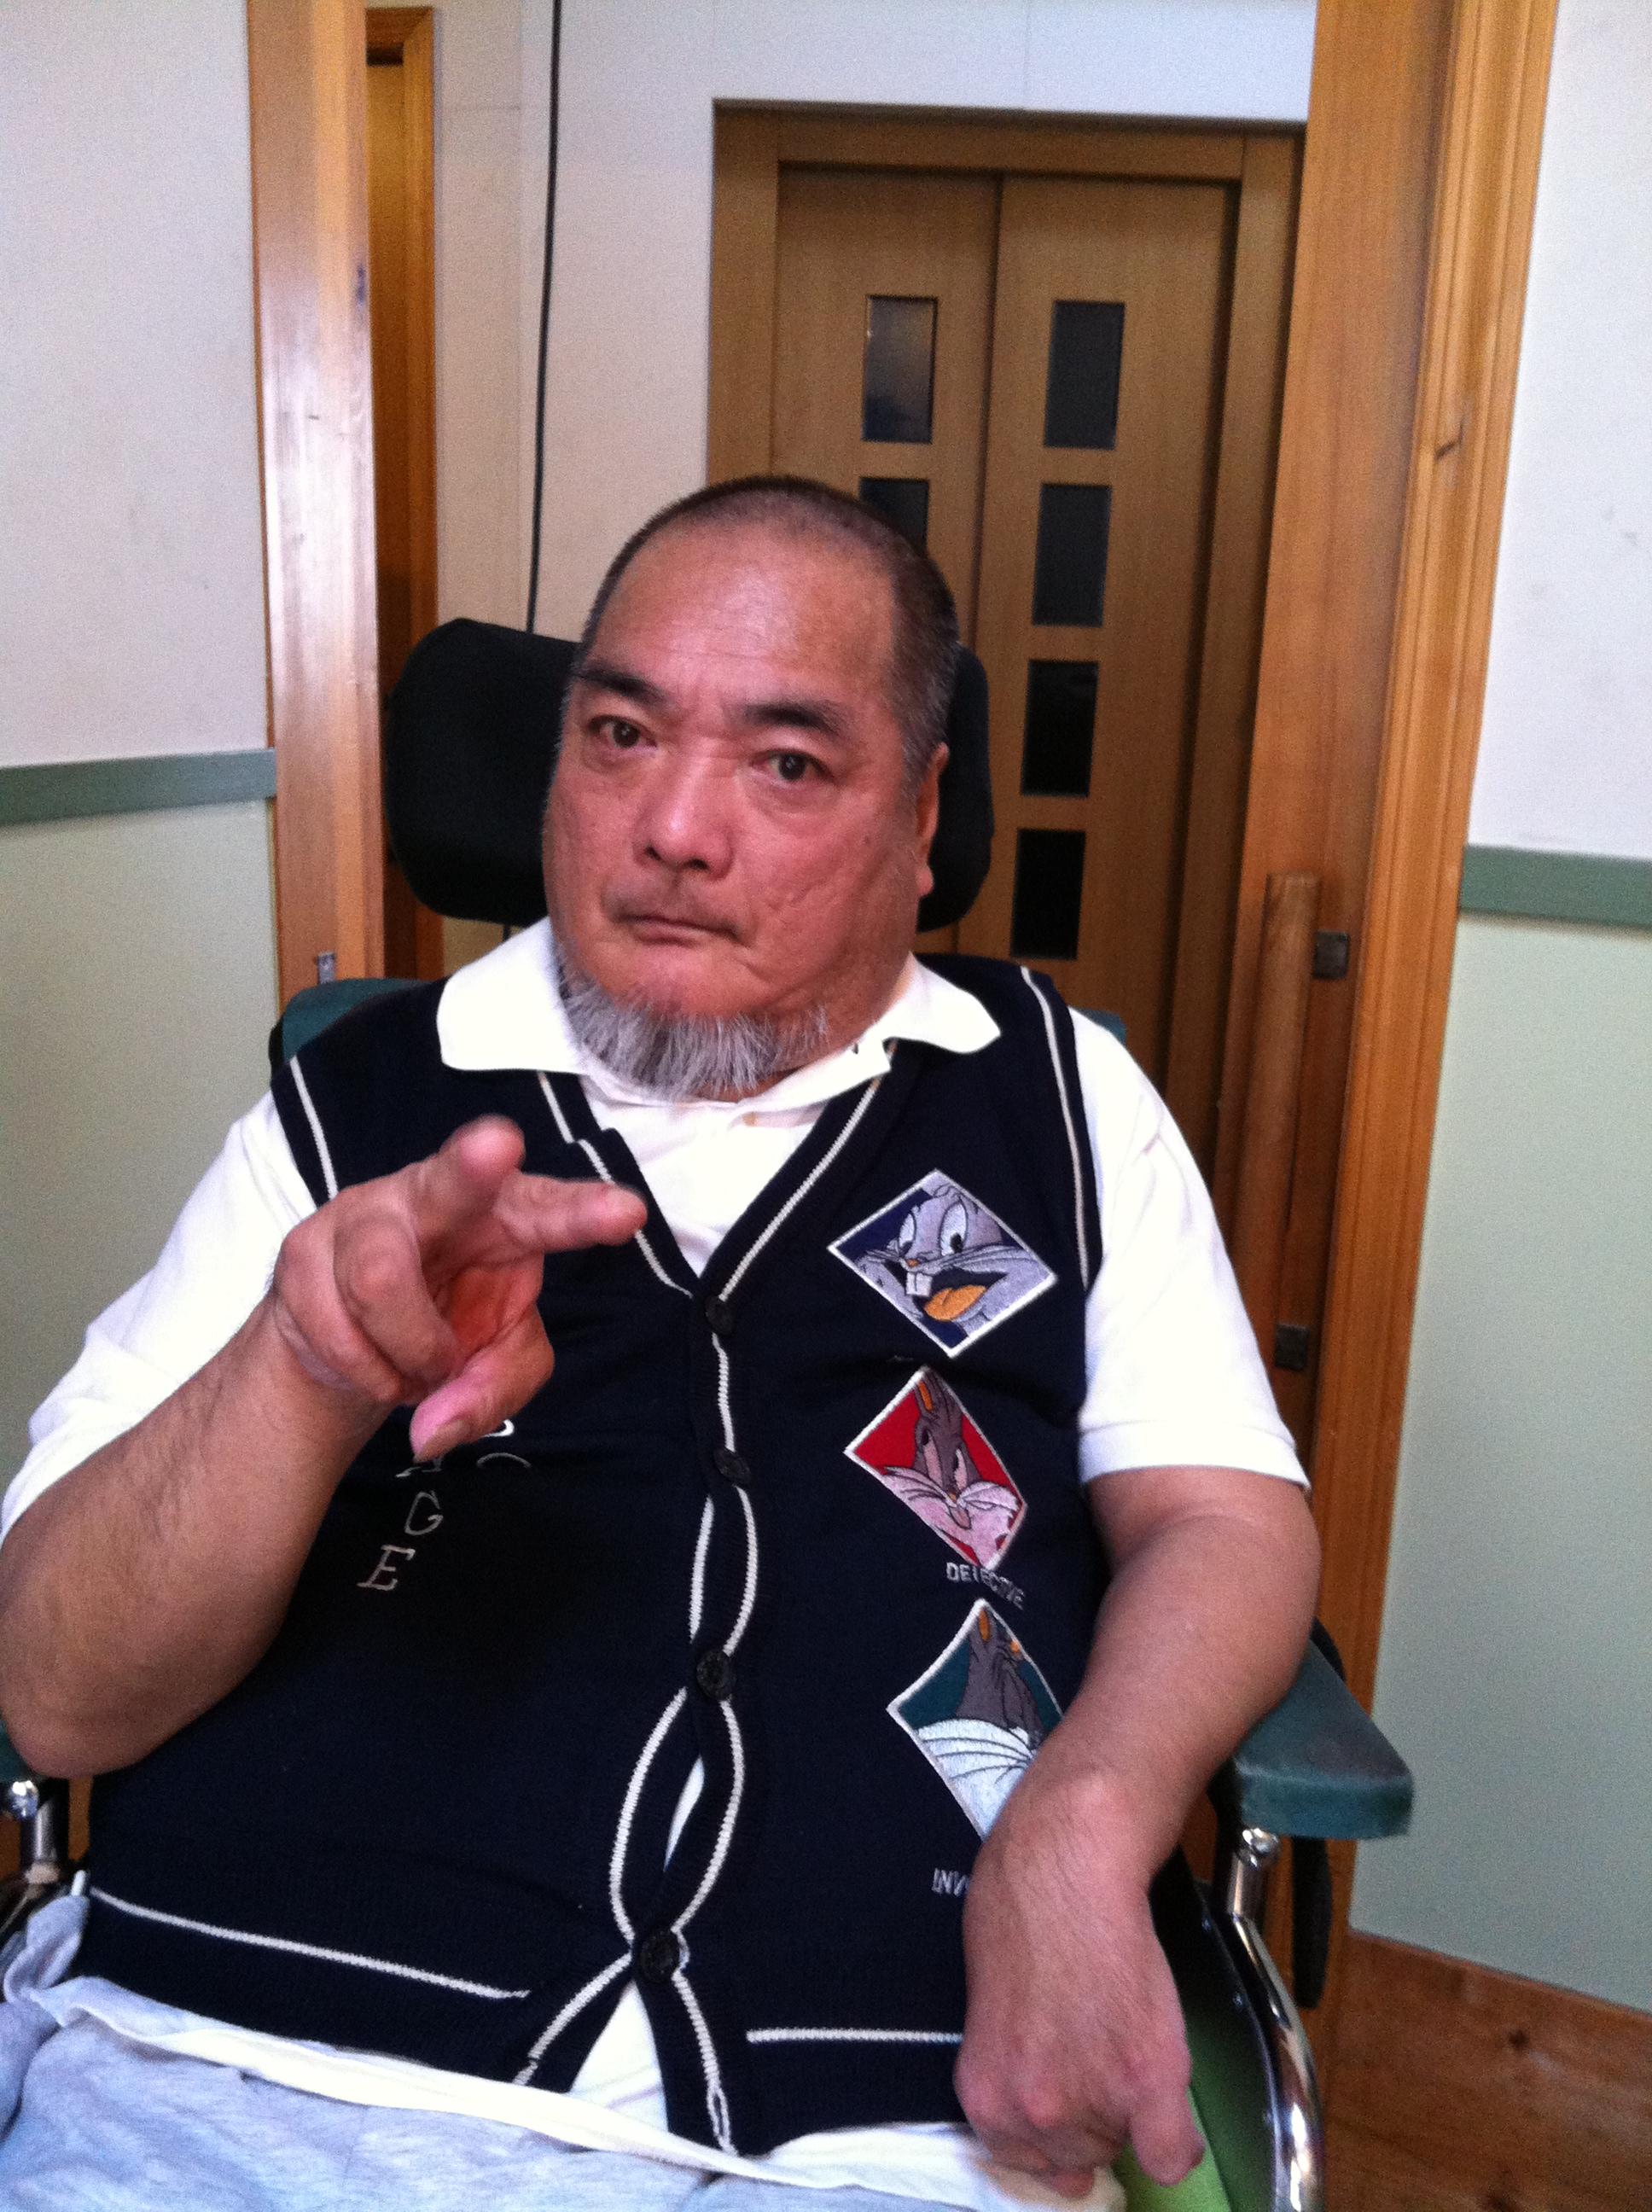 福永代表の写真。右手でピースサイン。こわい顔にならないようにつとめている。(2012年5月17日撮影)